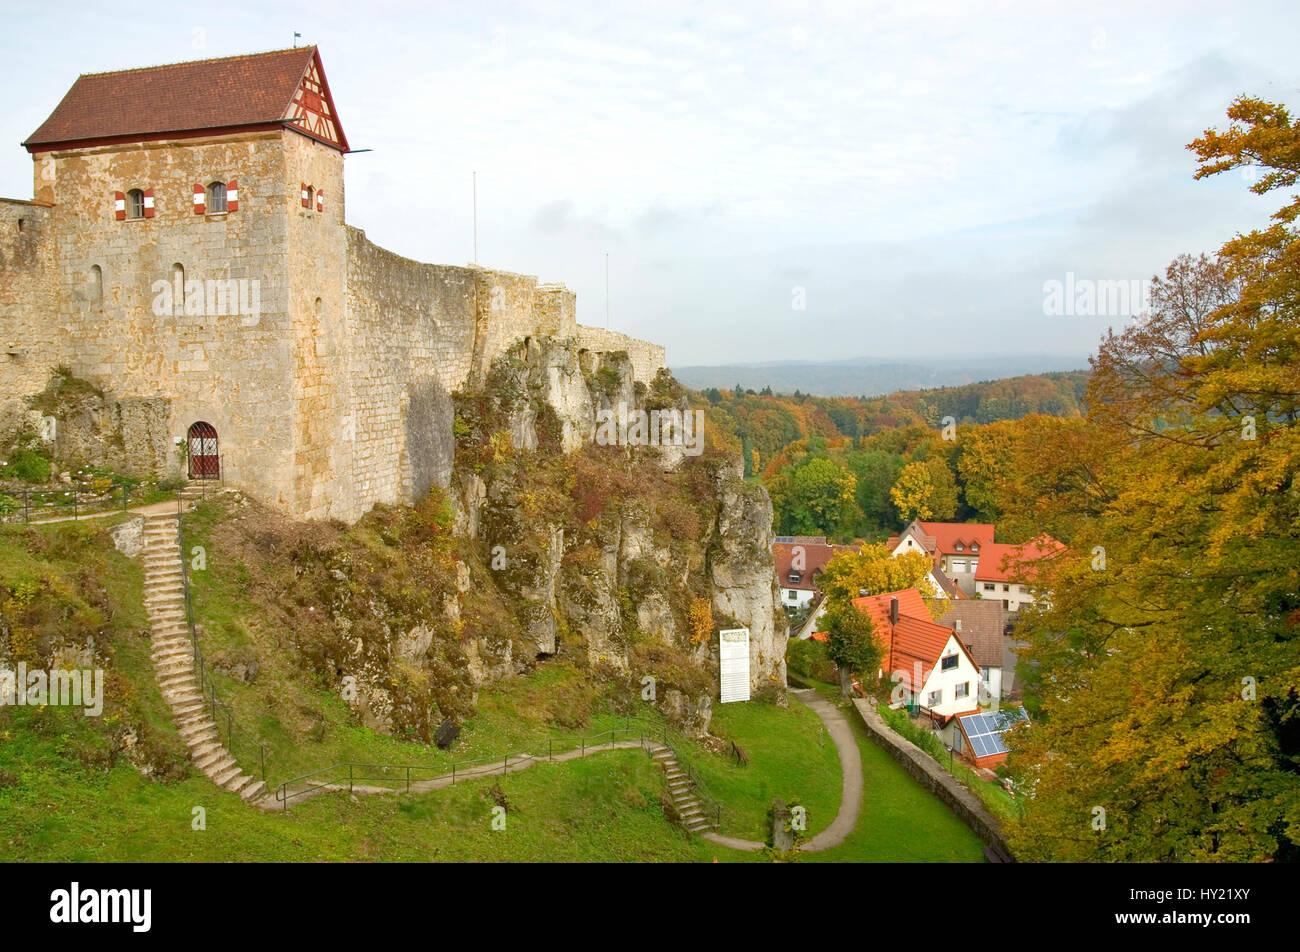 Blick auf die Burg Hohenstein in Bayern, Deutschland.  Image of the Castle Hohenstein the German state of Bavaria. Stock Photo